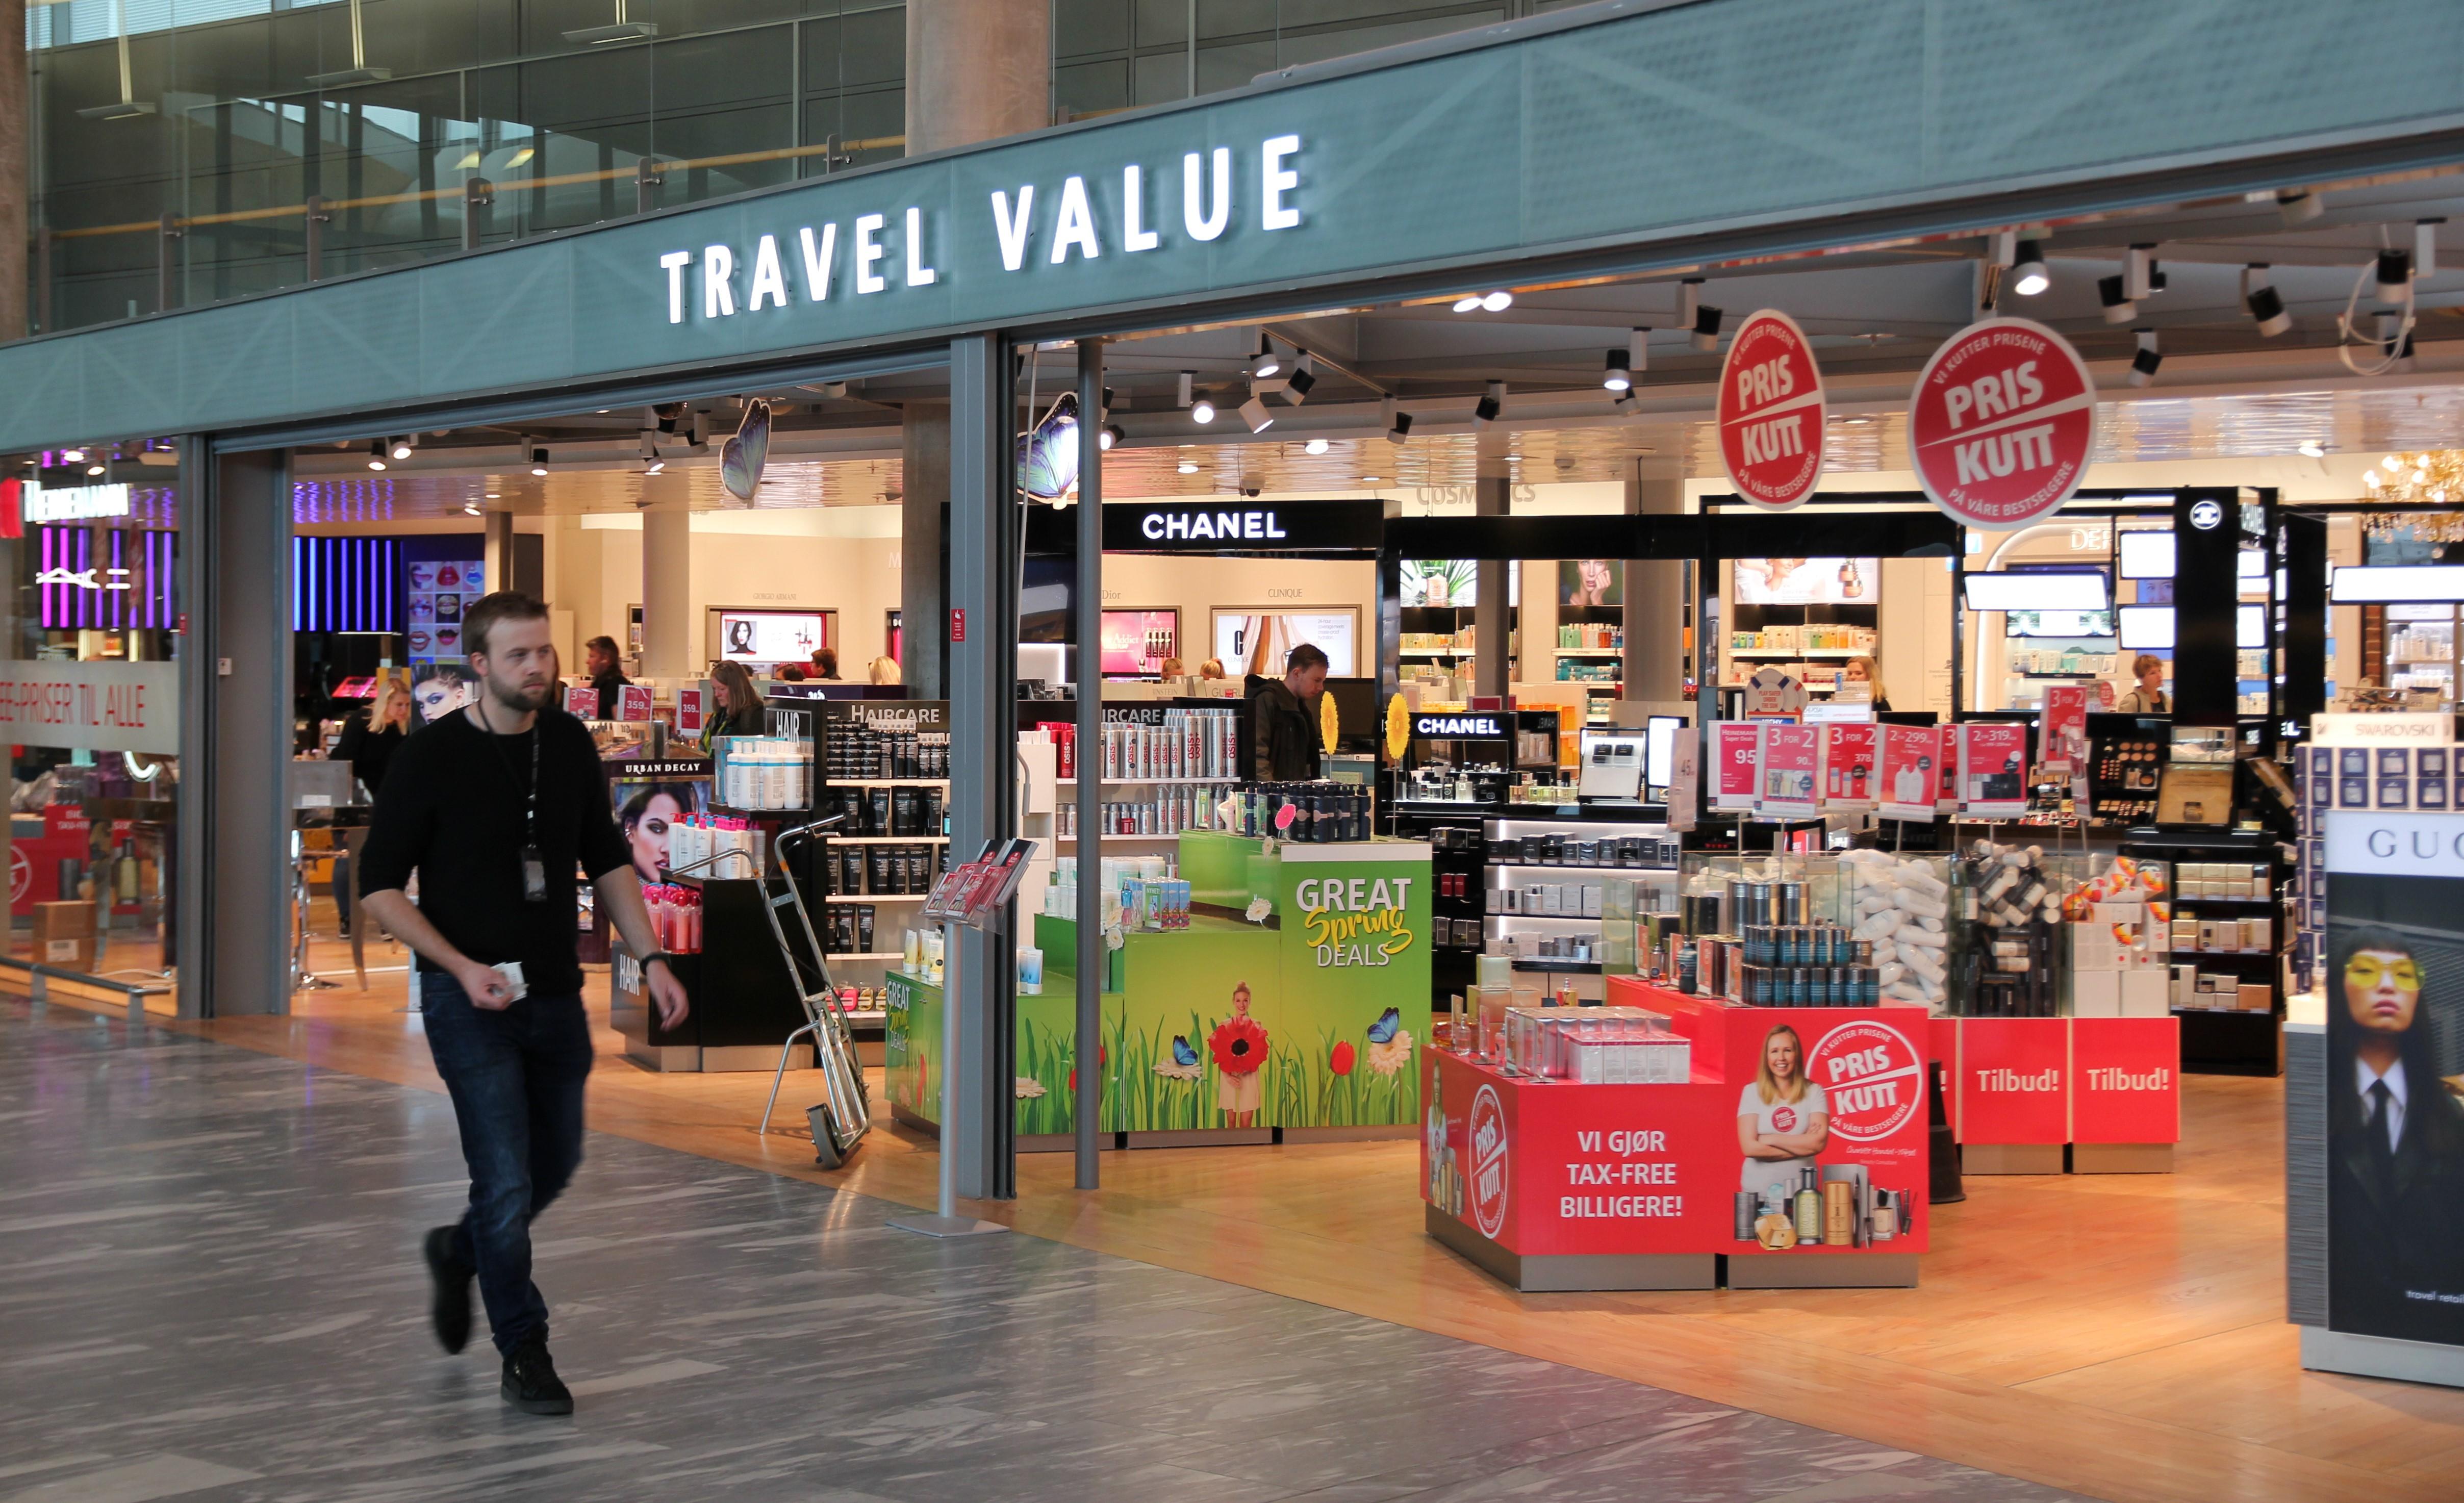 Derfor er det taxfree priser på innlandsreiser flysmart24.no